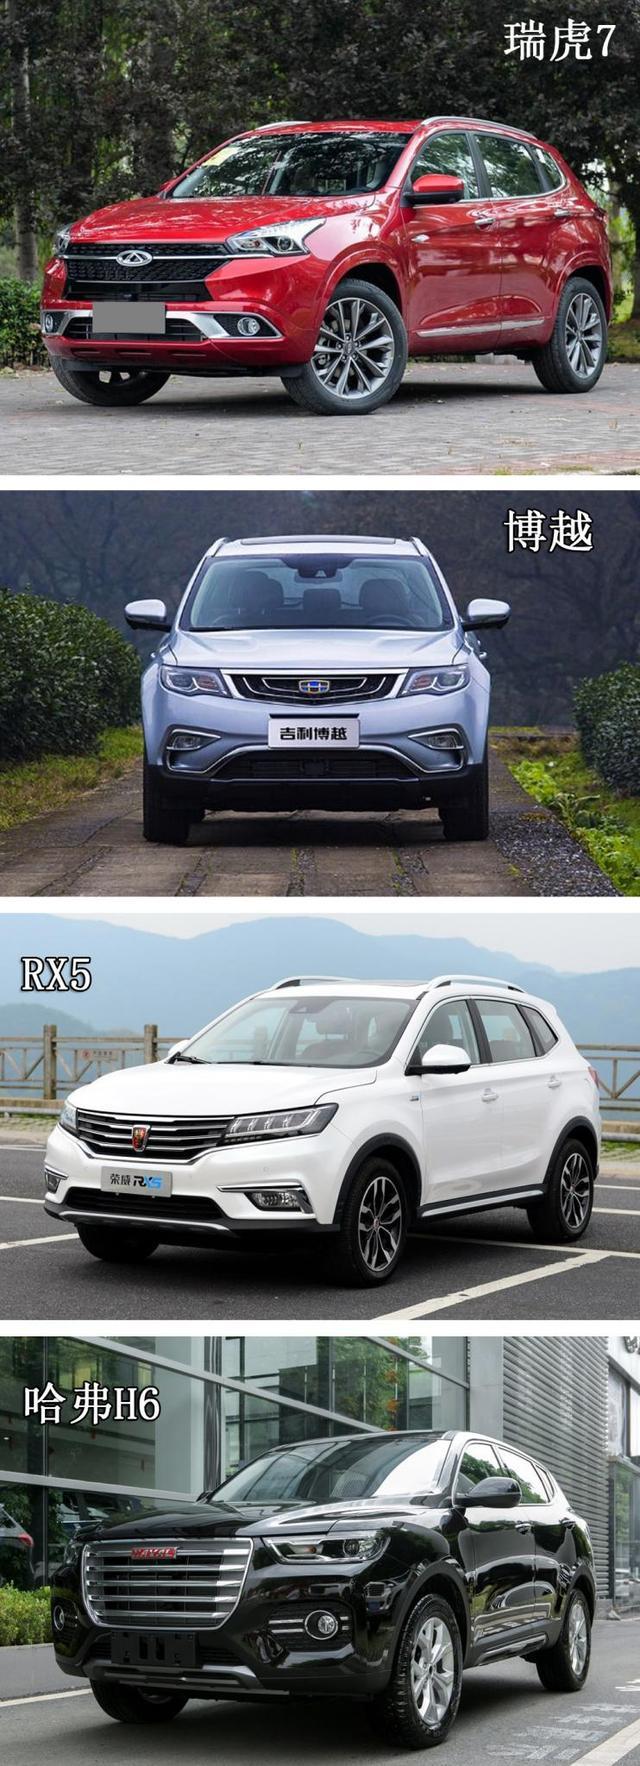 15万四款主流SUV,谁才是最适合你的选择?